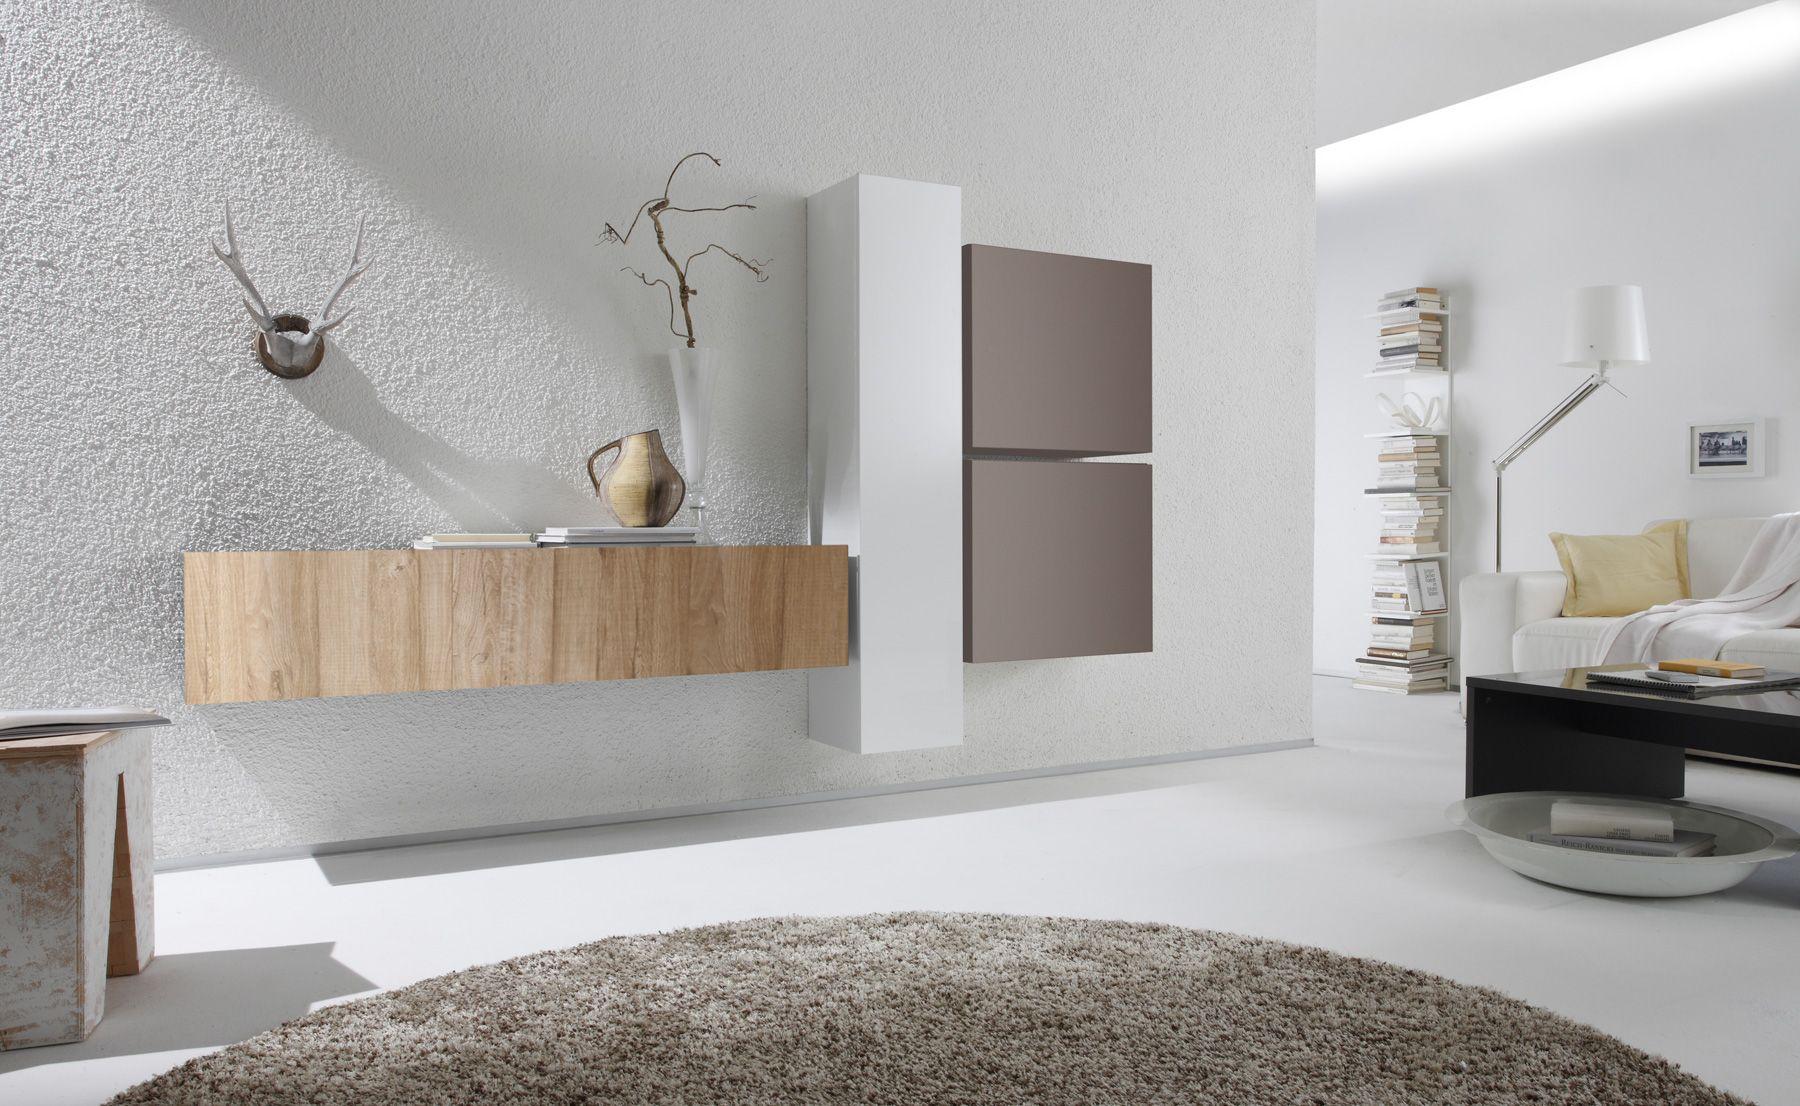 Wohnwand Weiß Lack Beige Eiche Natur Cubilo29 Designermöbel